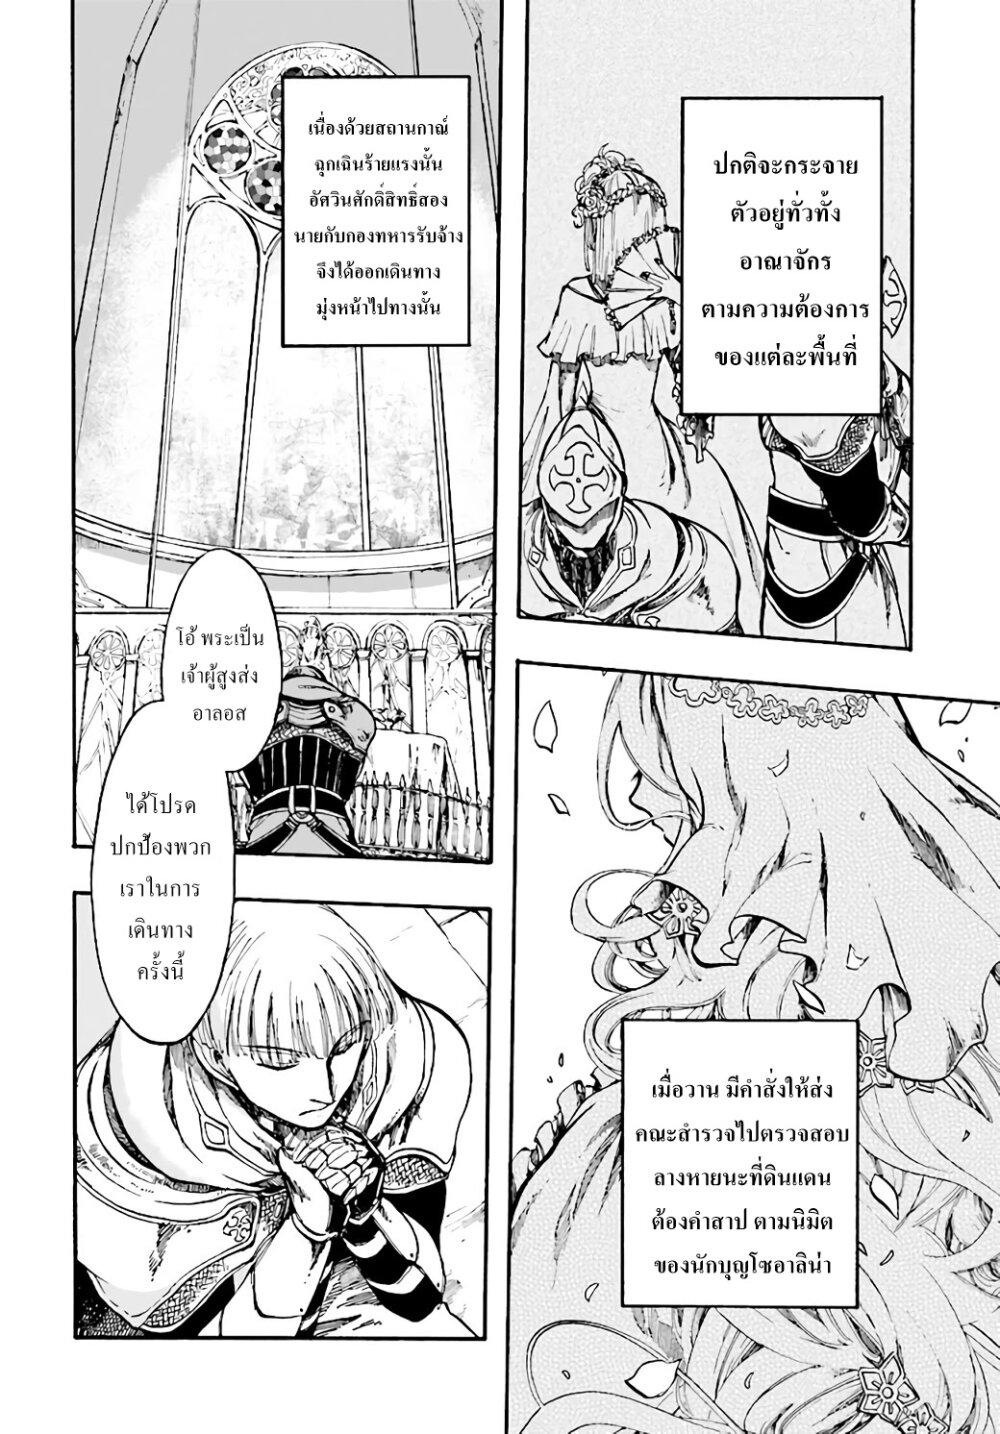 อ่านการ์ตูน Isekai Apocalypse MYNOGHRA ~The Conquest of the World Starts With the Civilization of Ruin~ ตอนที่ 6 หน้าที่ 3